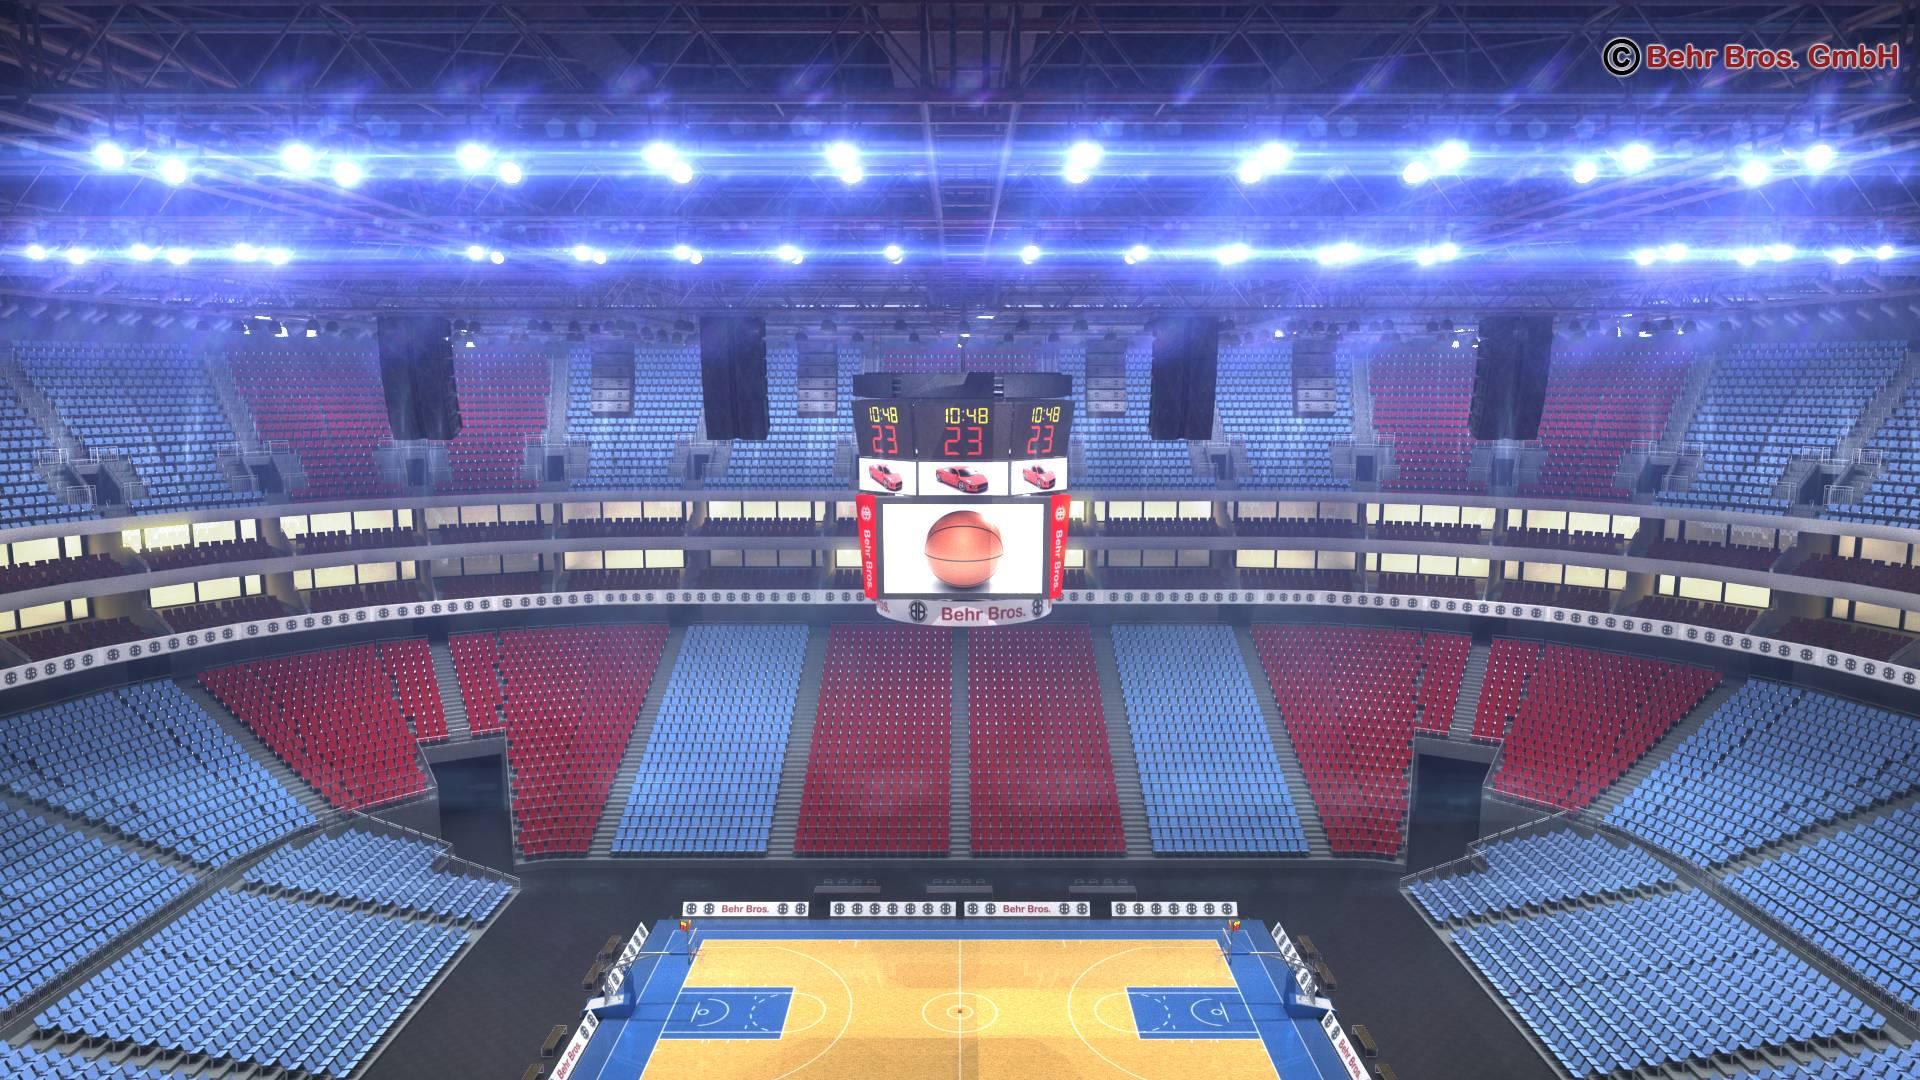 košarkaška arena v2 3d model 3ds max fbx c4d lwo ma mb obj 222367